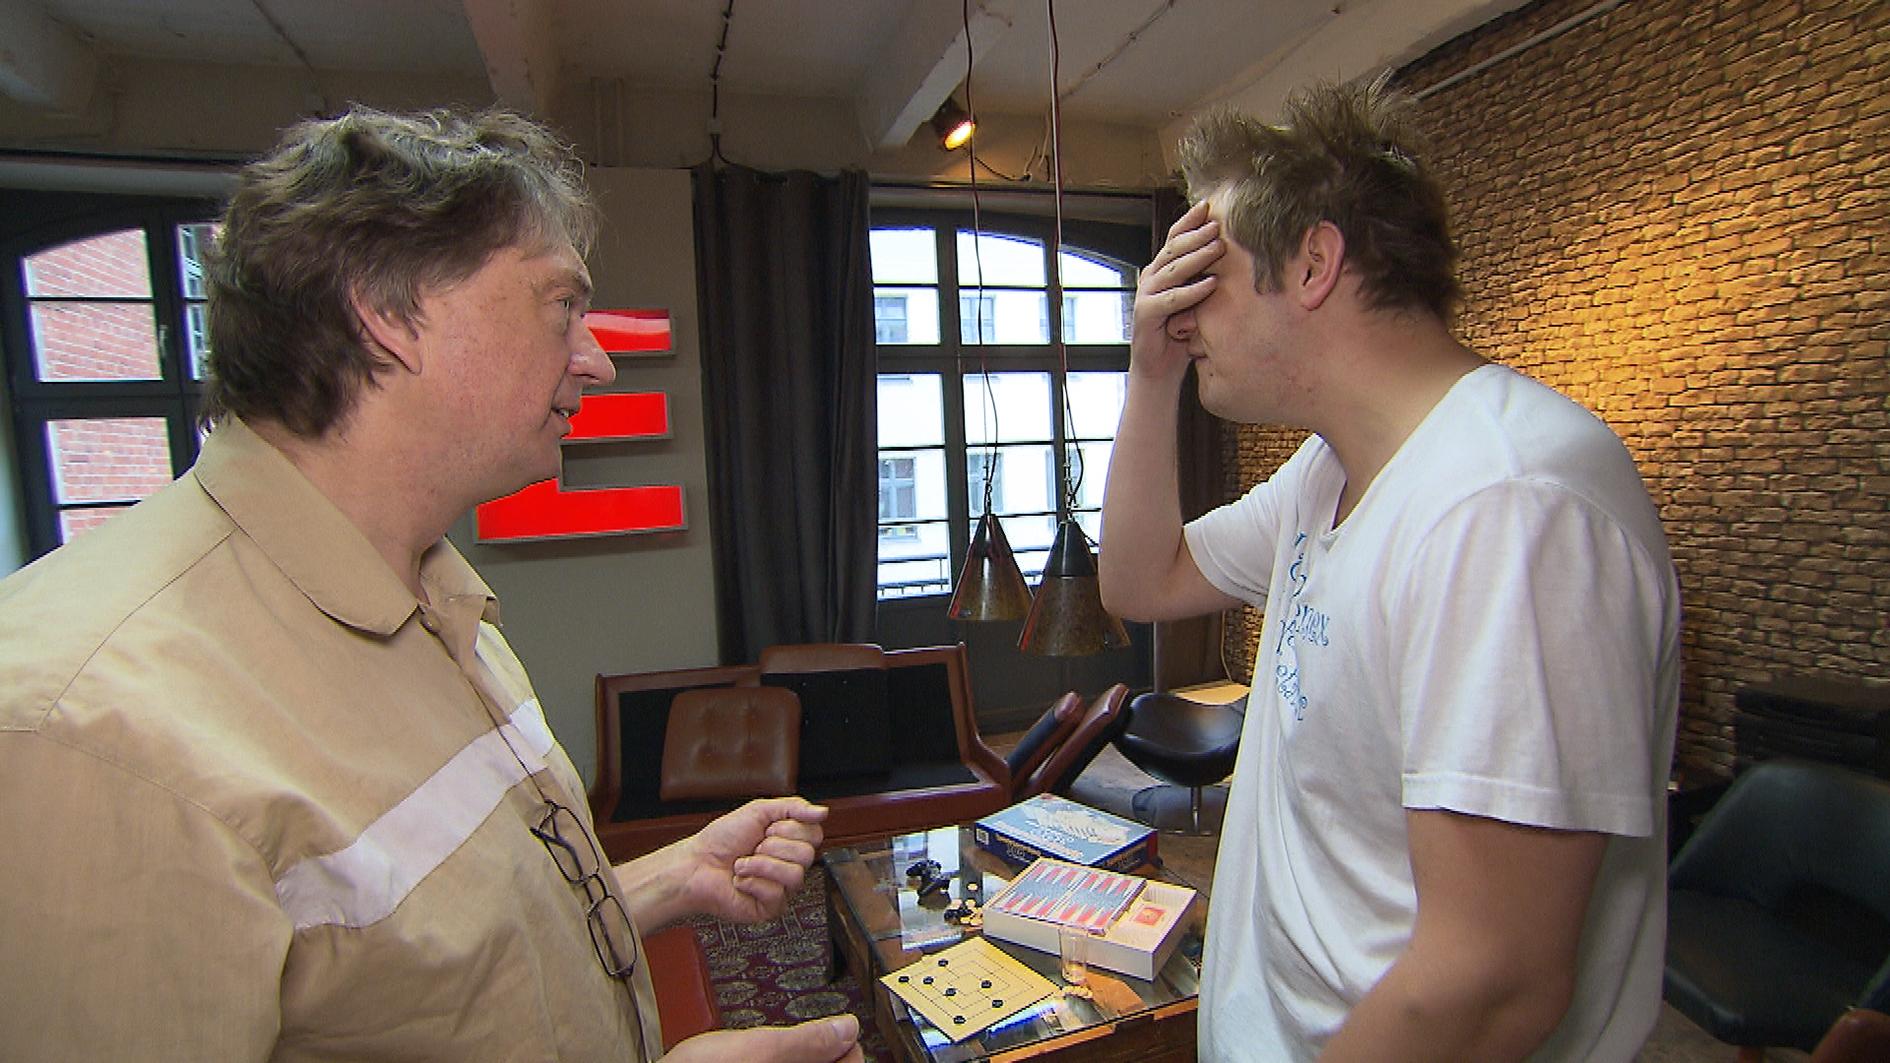 """Gerade erst hatten sich Ole und sein Vater angenähert, als ihre Beziehung erneut auf eine harte Probe gestellt wird: Helge hat ihren gemeinsam entwickelten """"Aphro-Shot"""" an Oles Frettchen getestet, die nun in Lebensgefahr schweben. (Quelle: RTL 2)"""